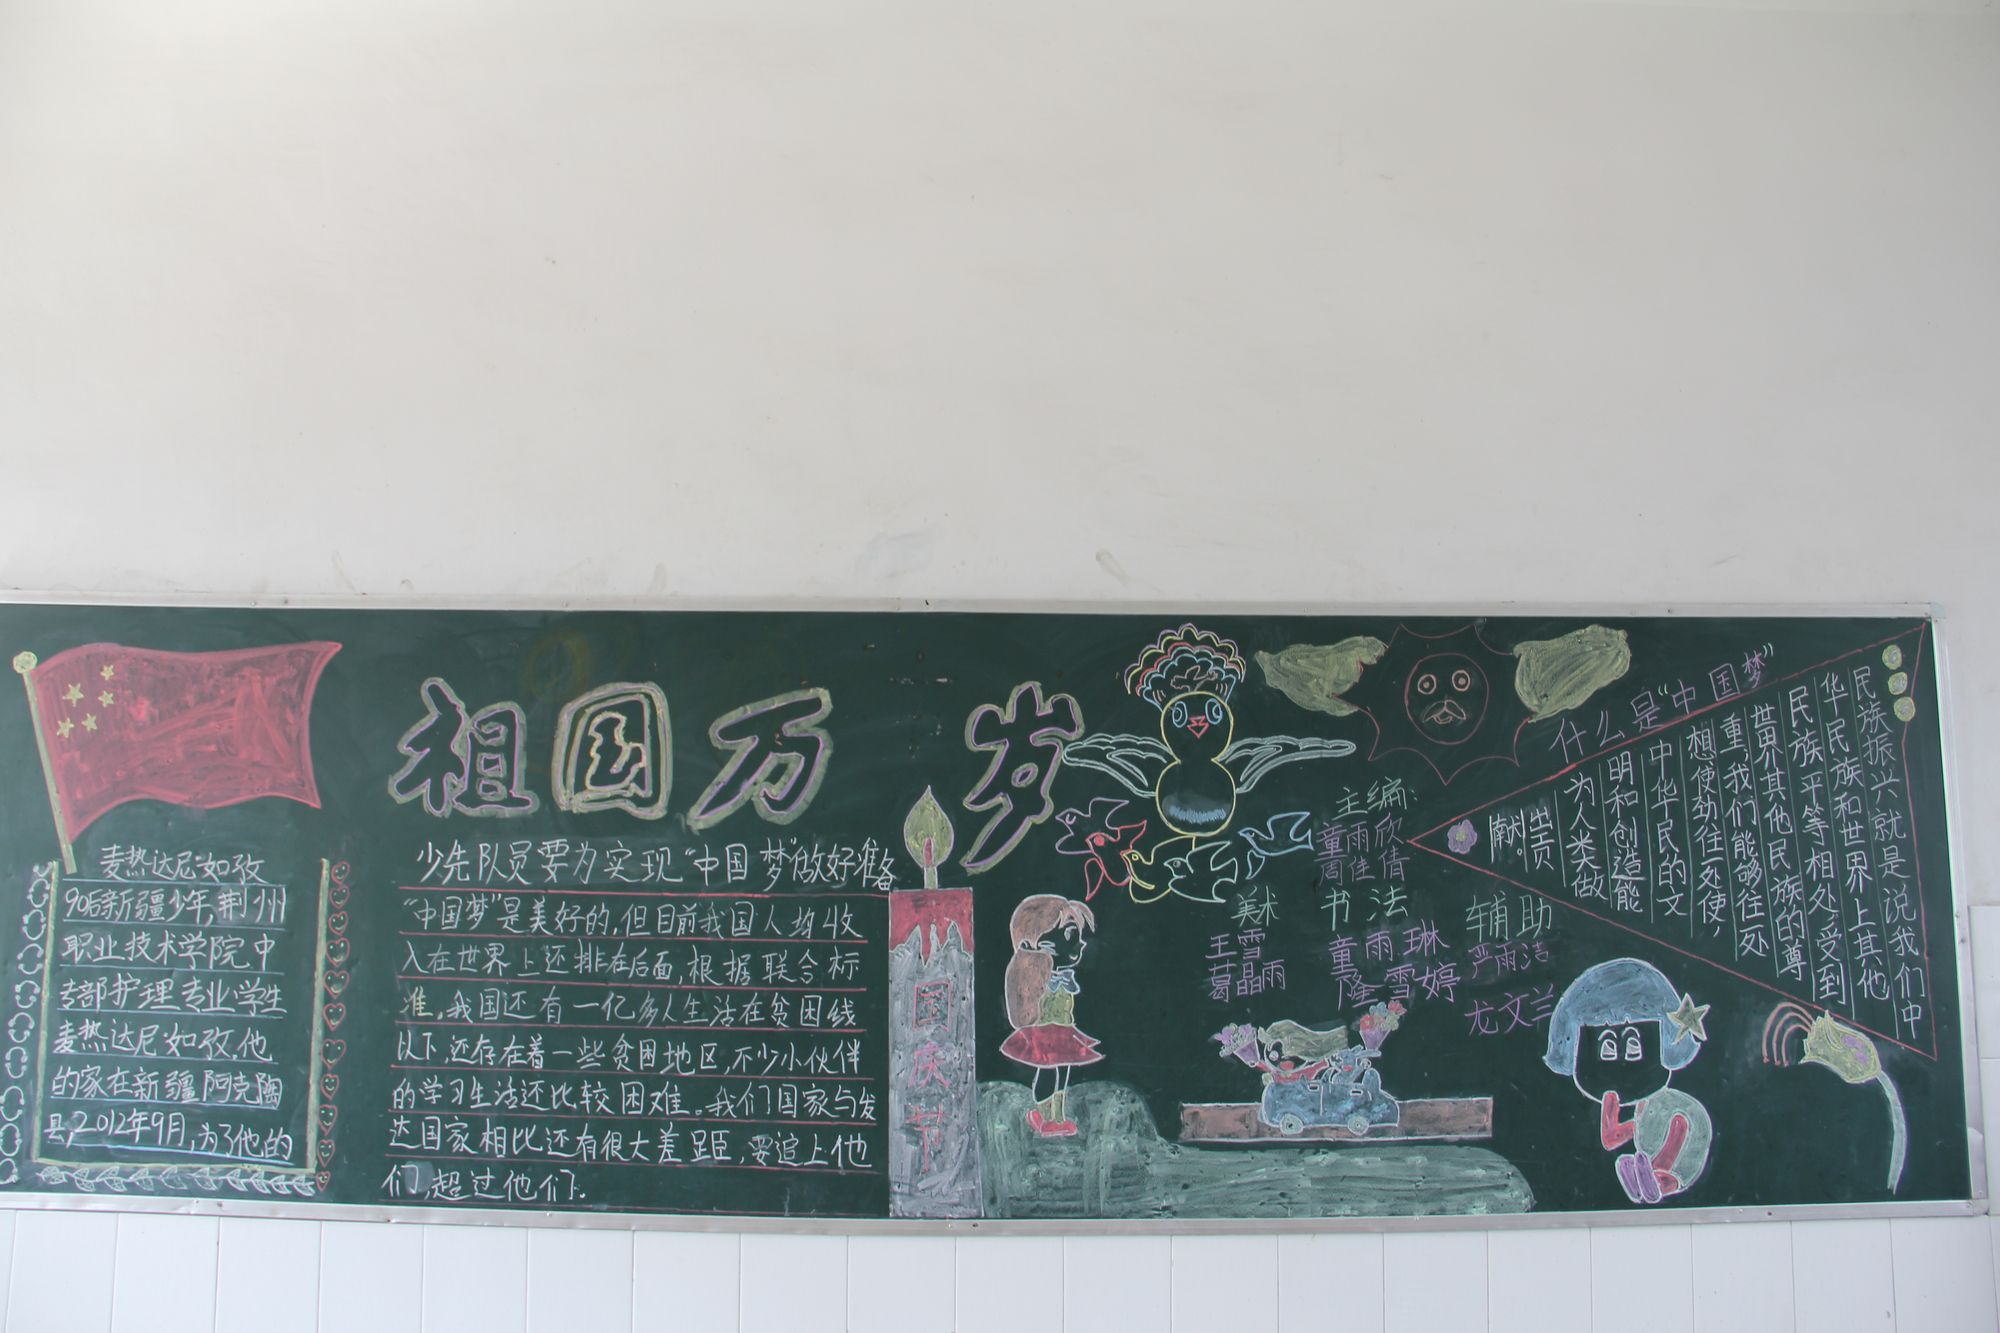 巾相约中国梦 主题黑板报图片